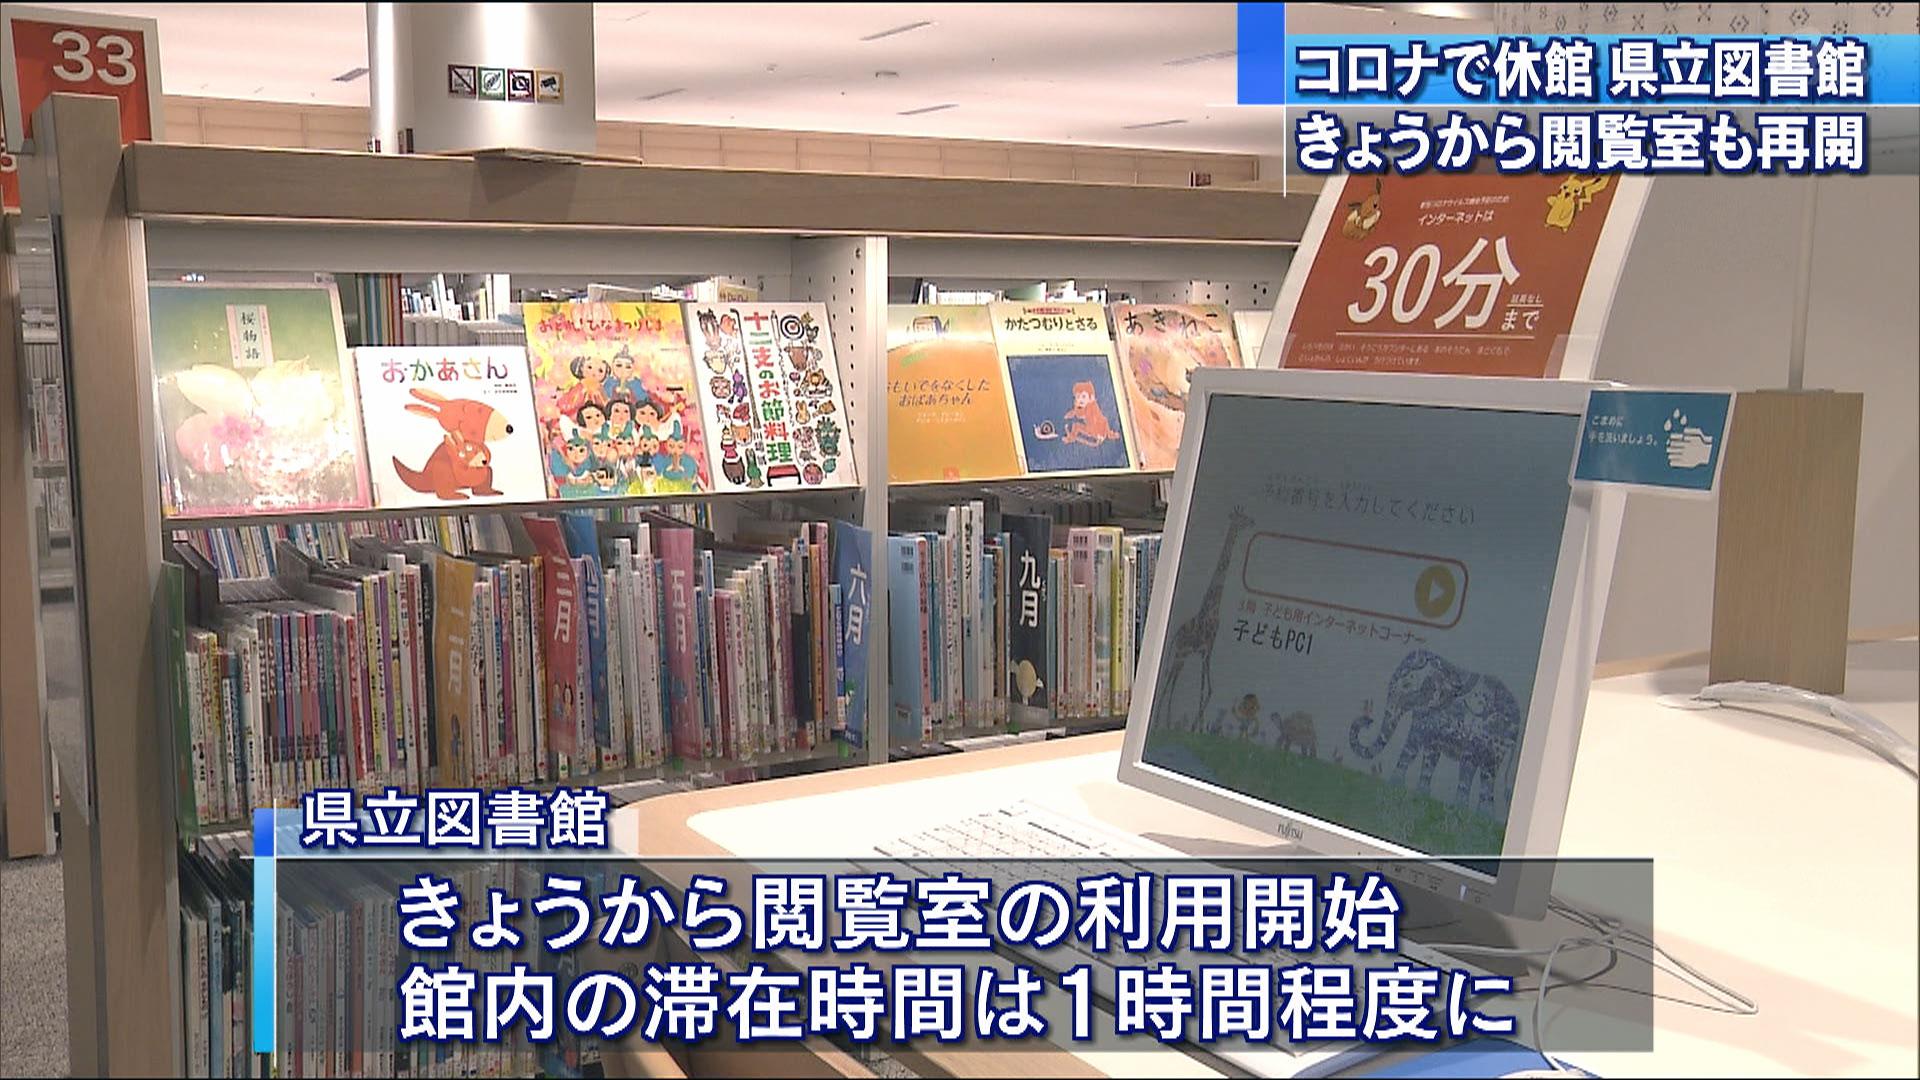 県立図書館が業務を再開 27日から閲覧室も